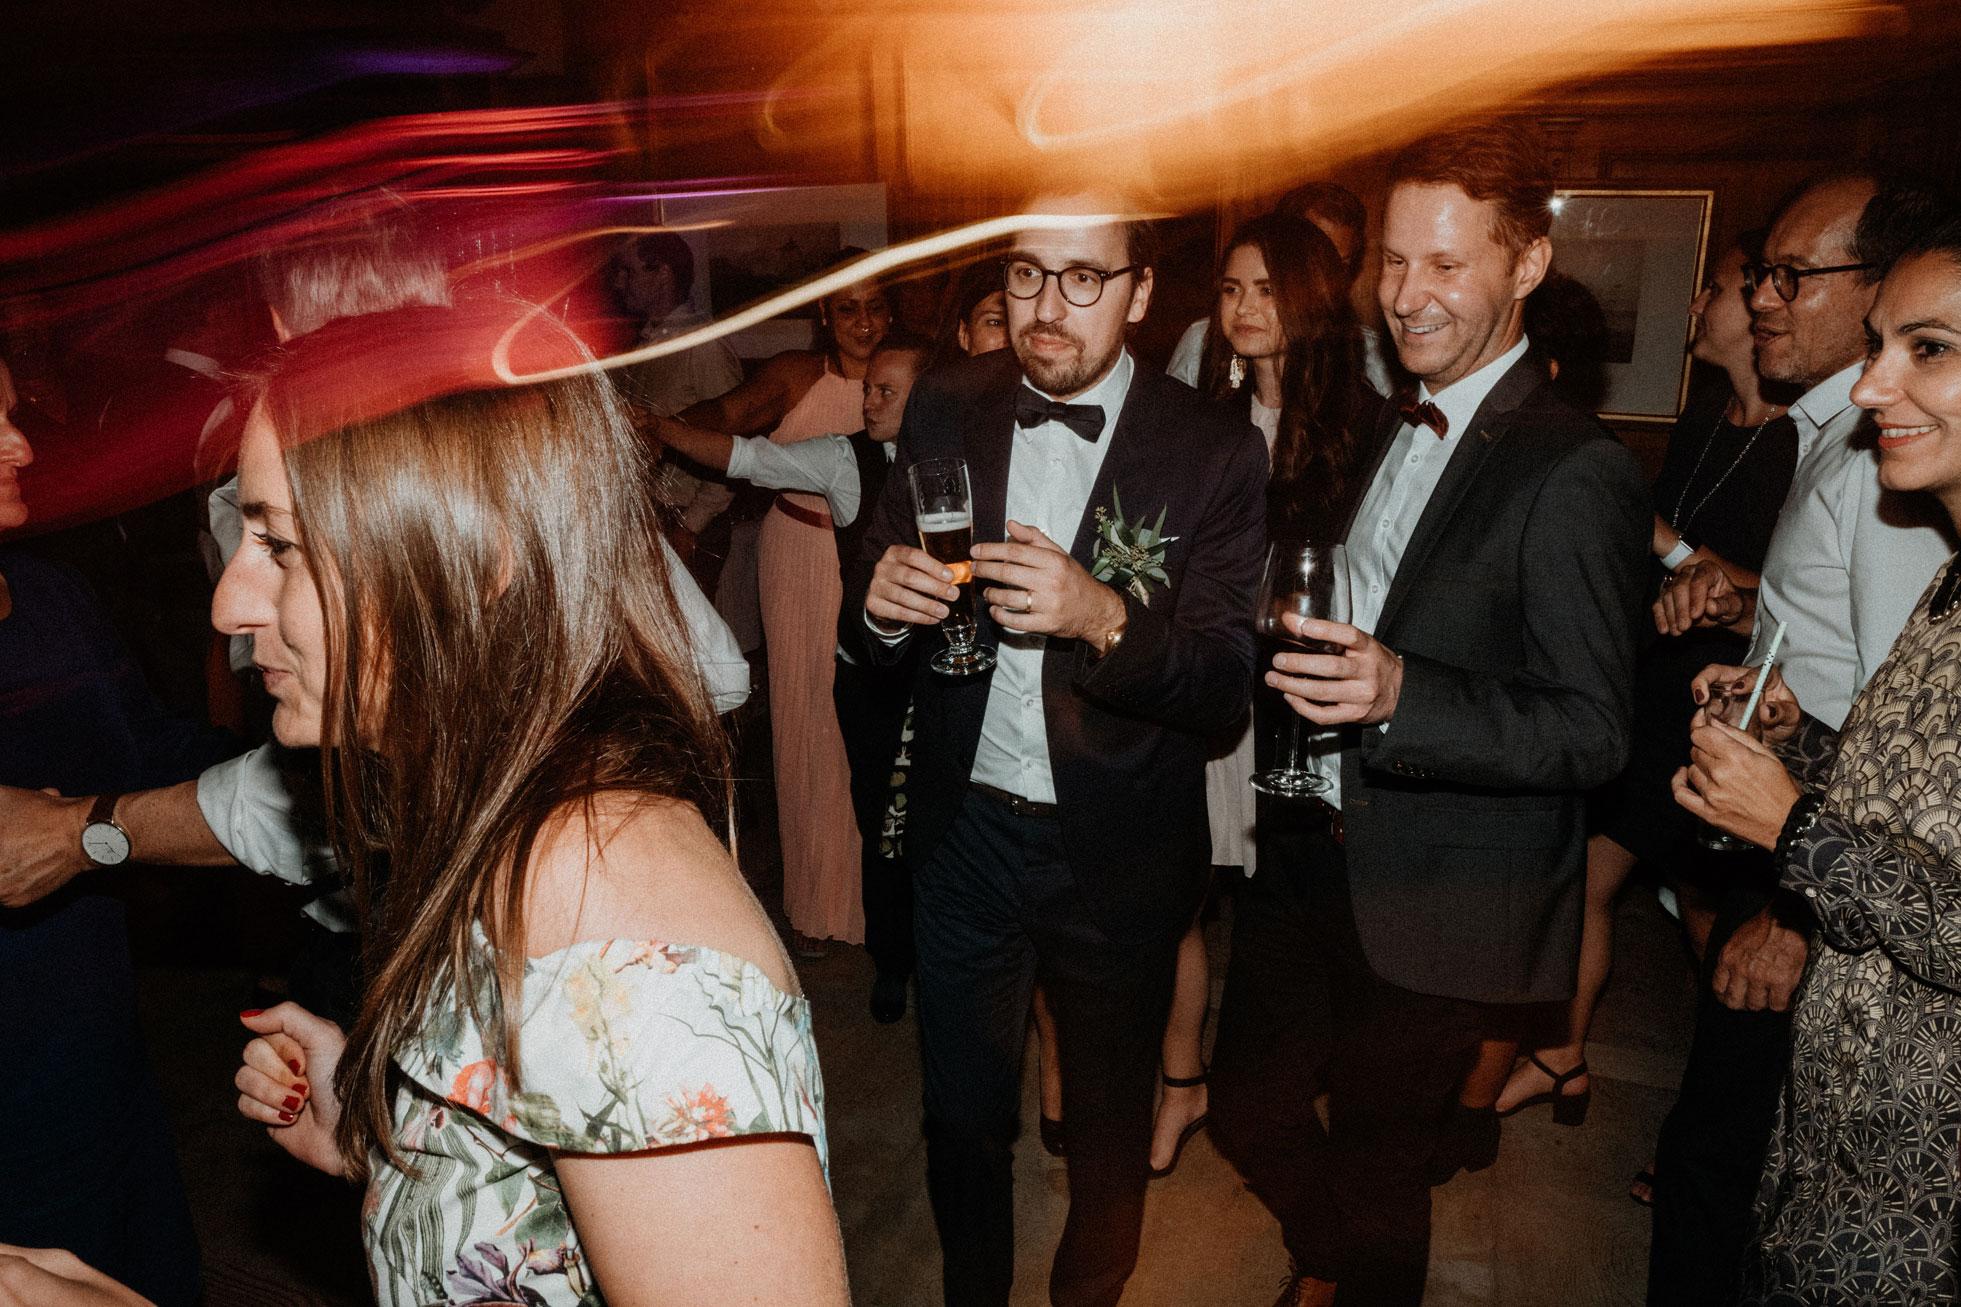 Hochzeit_Claire_Manuel_Villa_Maund_Daniel_Jenny-618.jpg